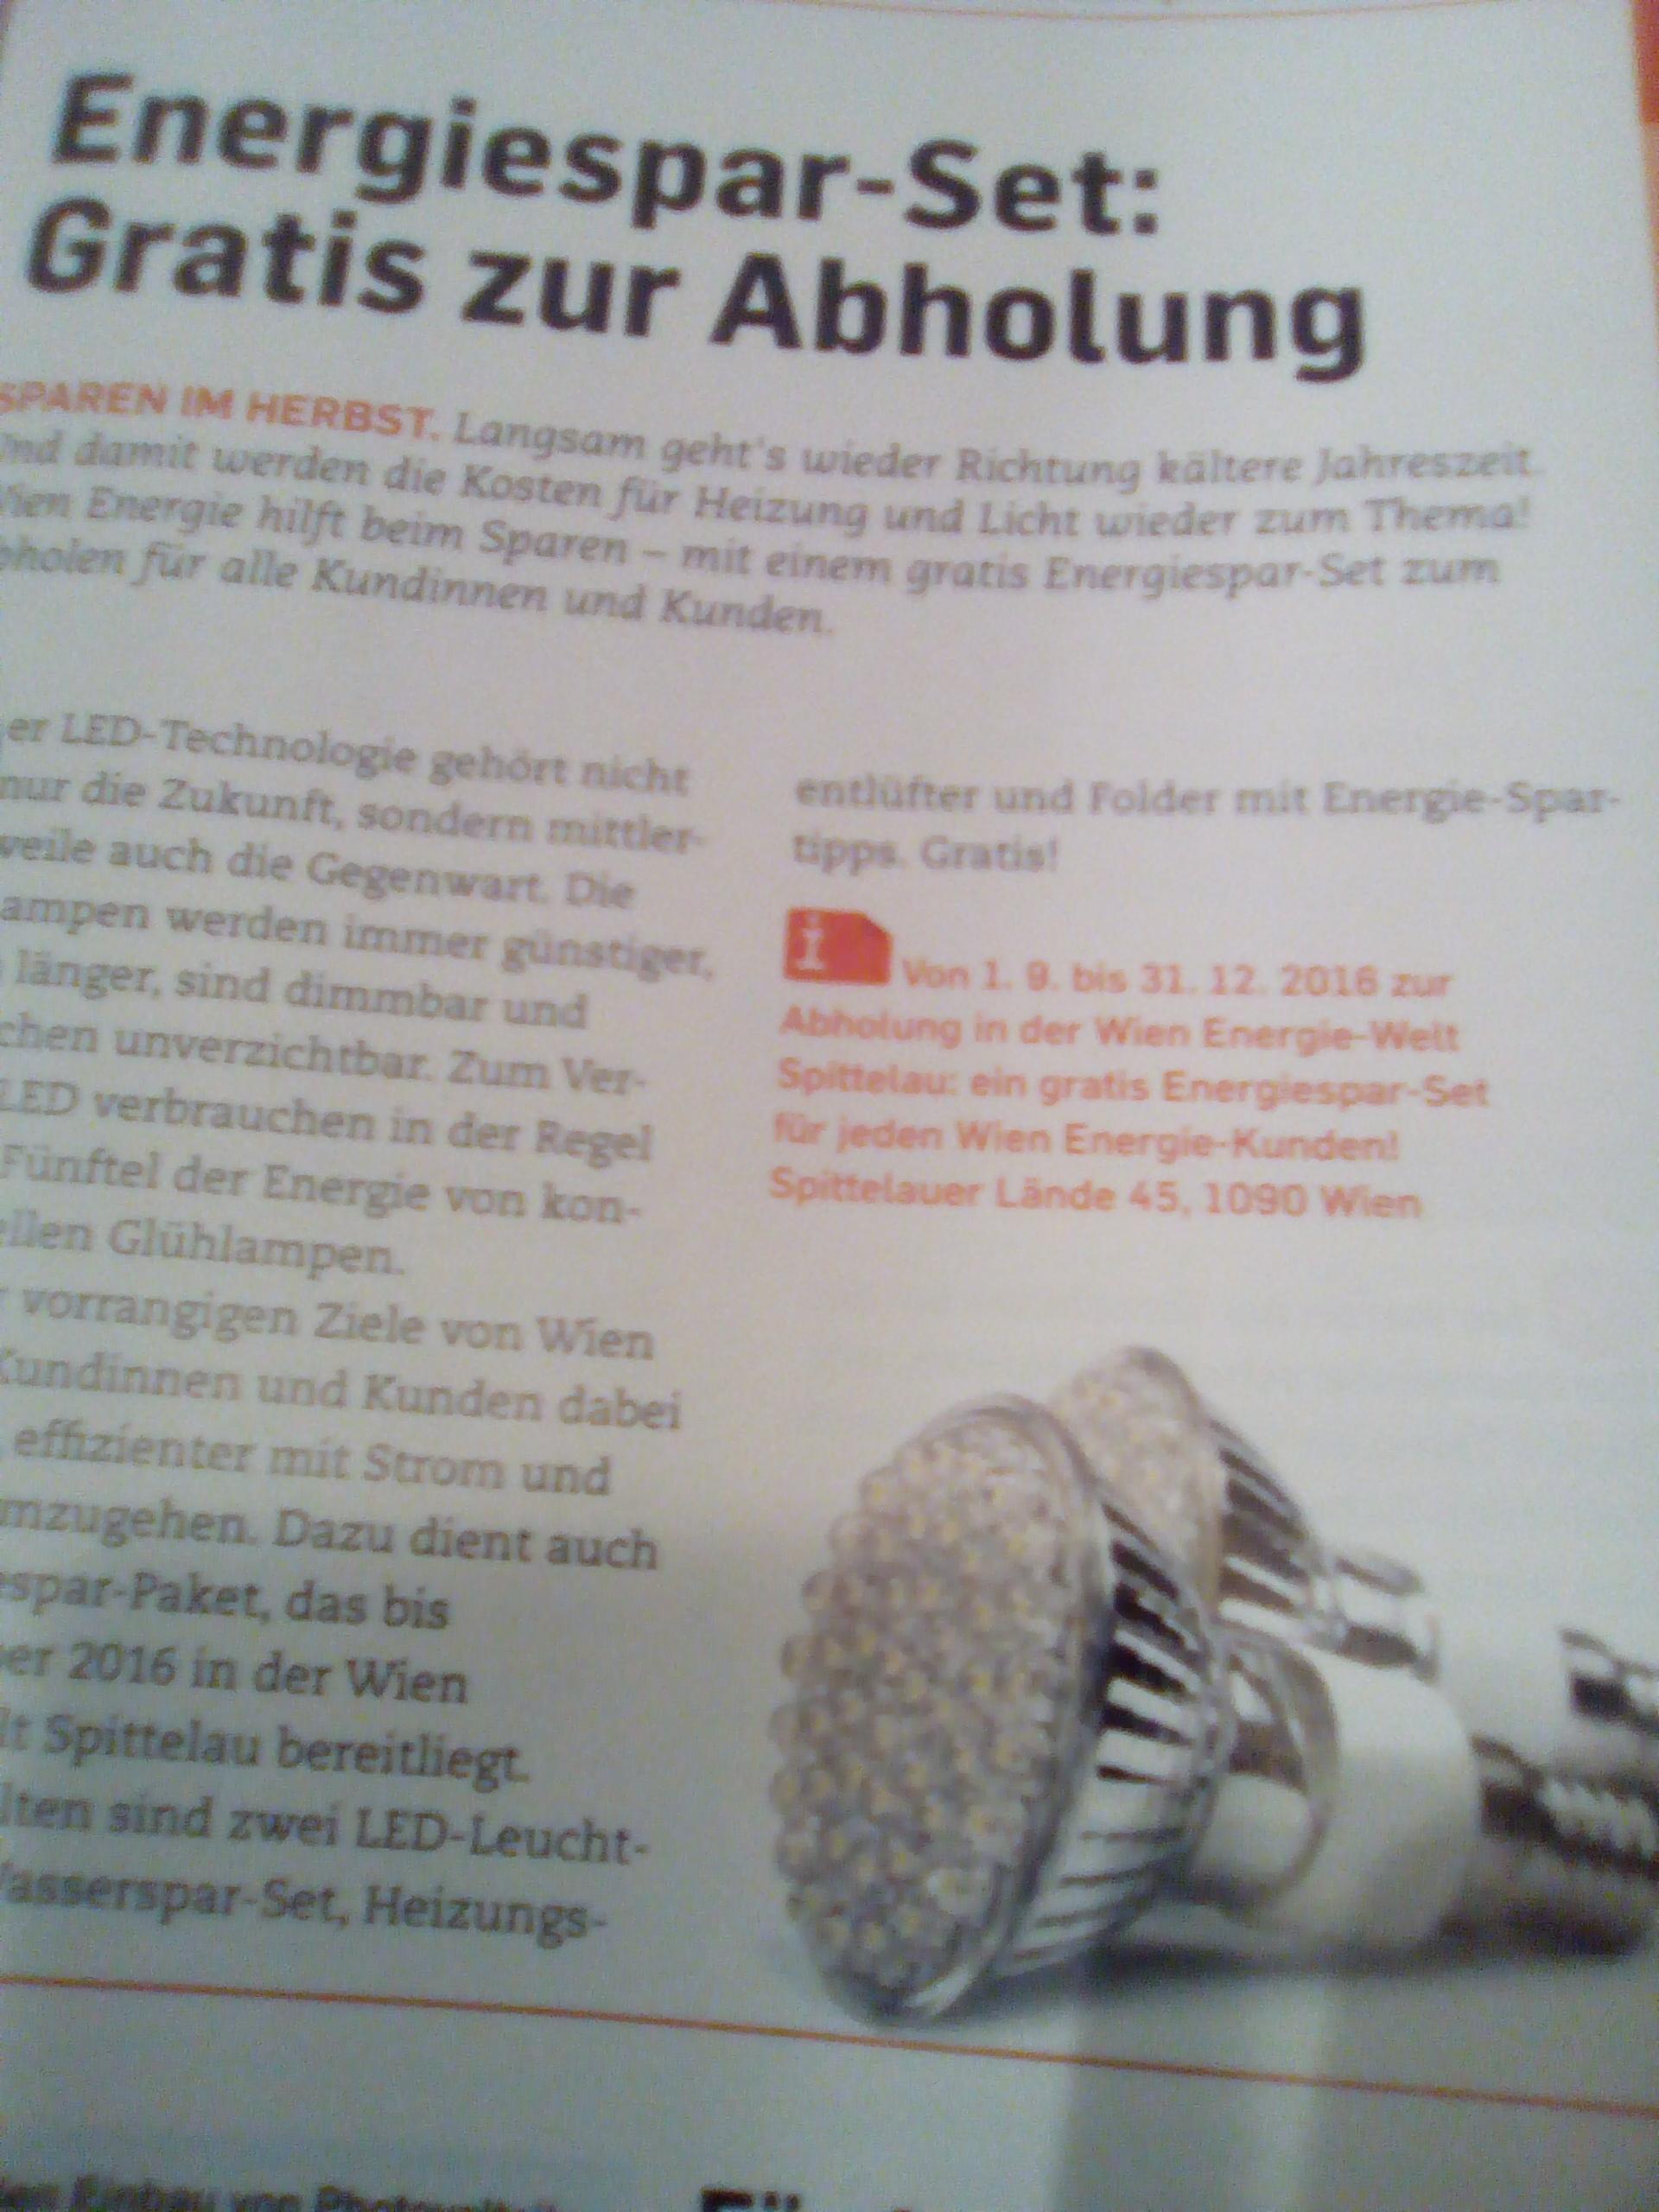 Gratis: 2 LED-Birnen + Wassersparset + Heizungsentlüfter